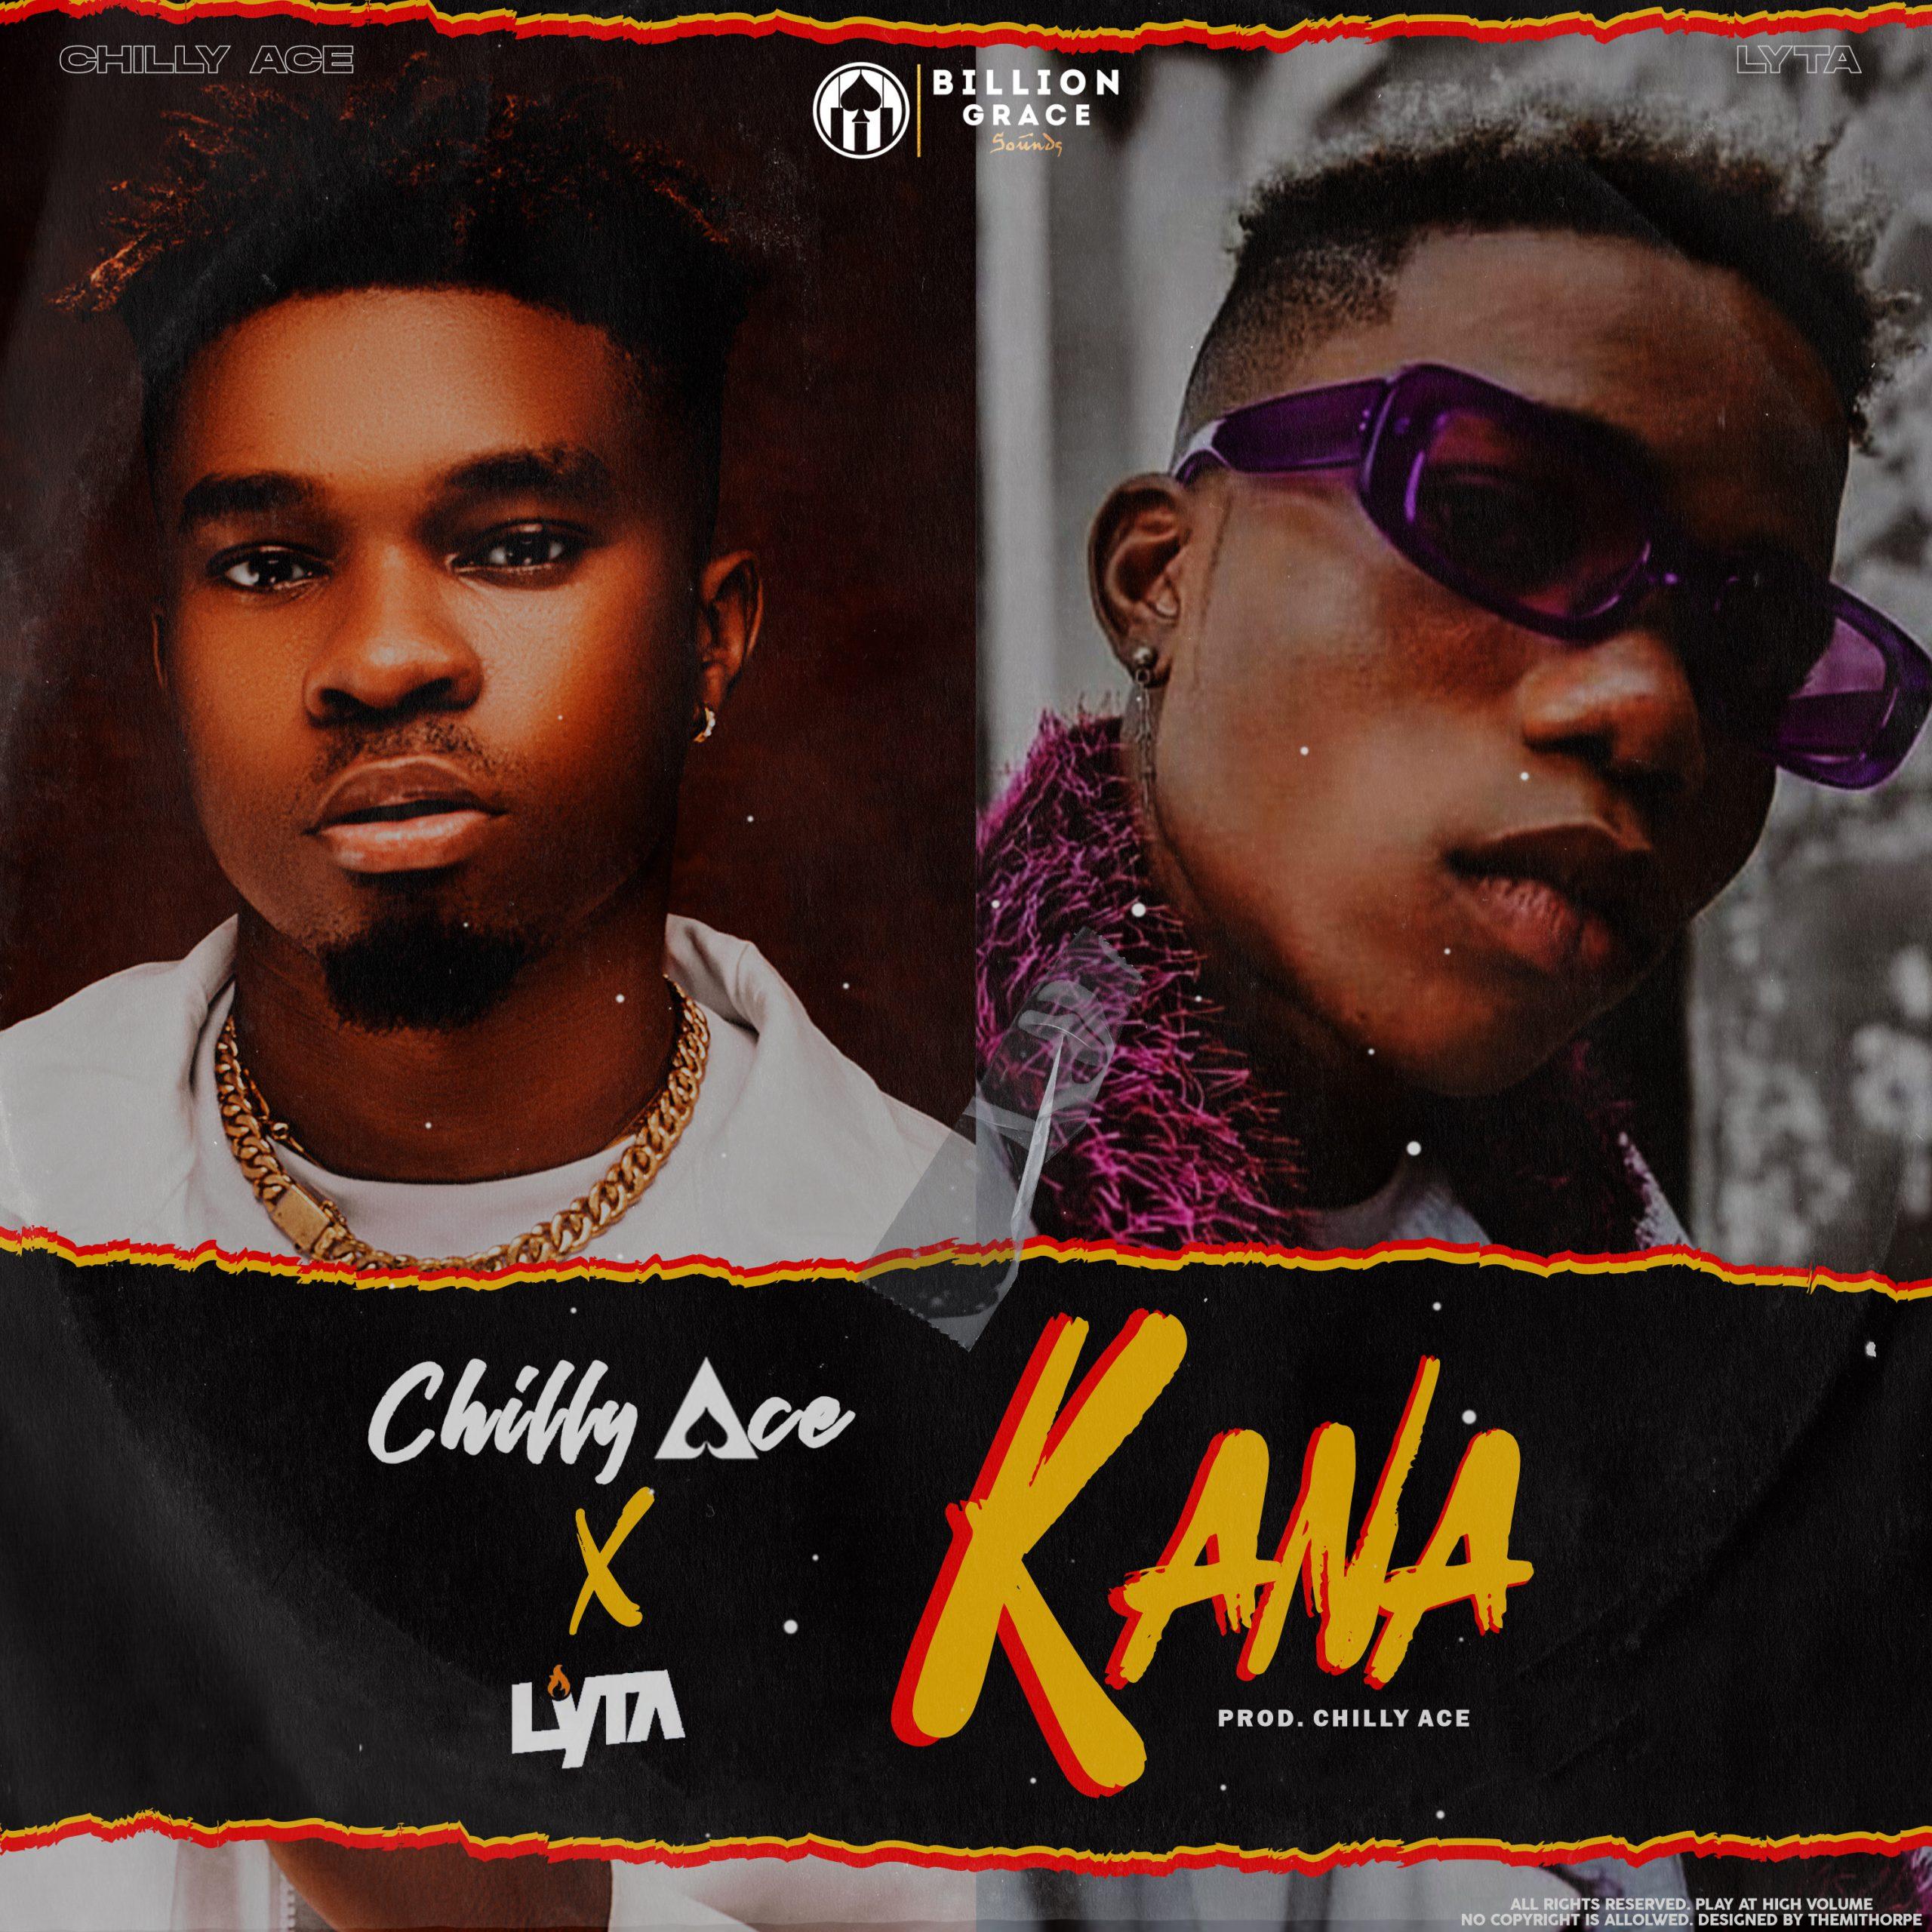 Kana-Chilly Ace Ft Lyta